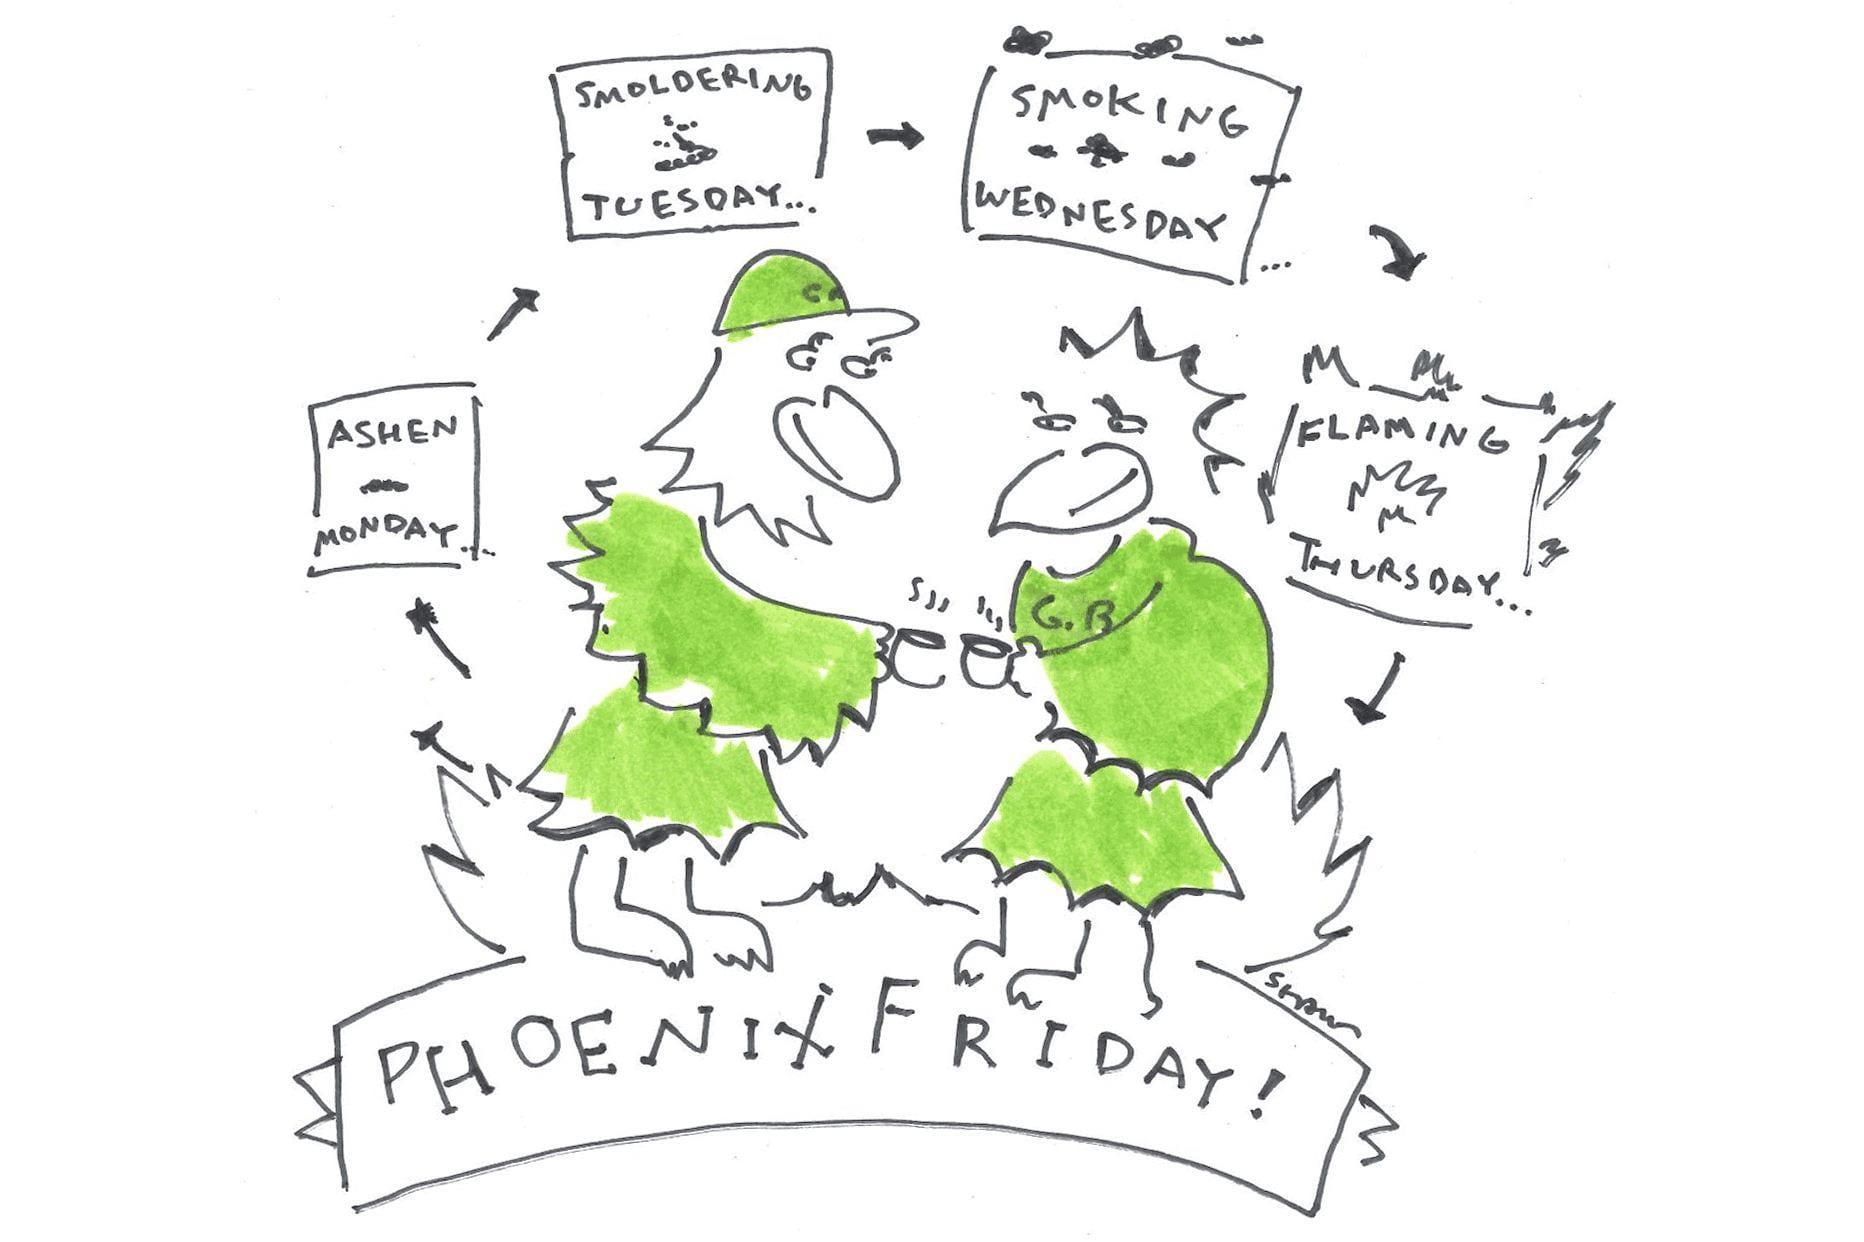 Phoenix Friday cartoon